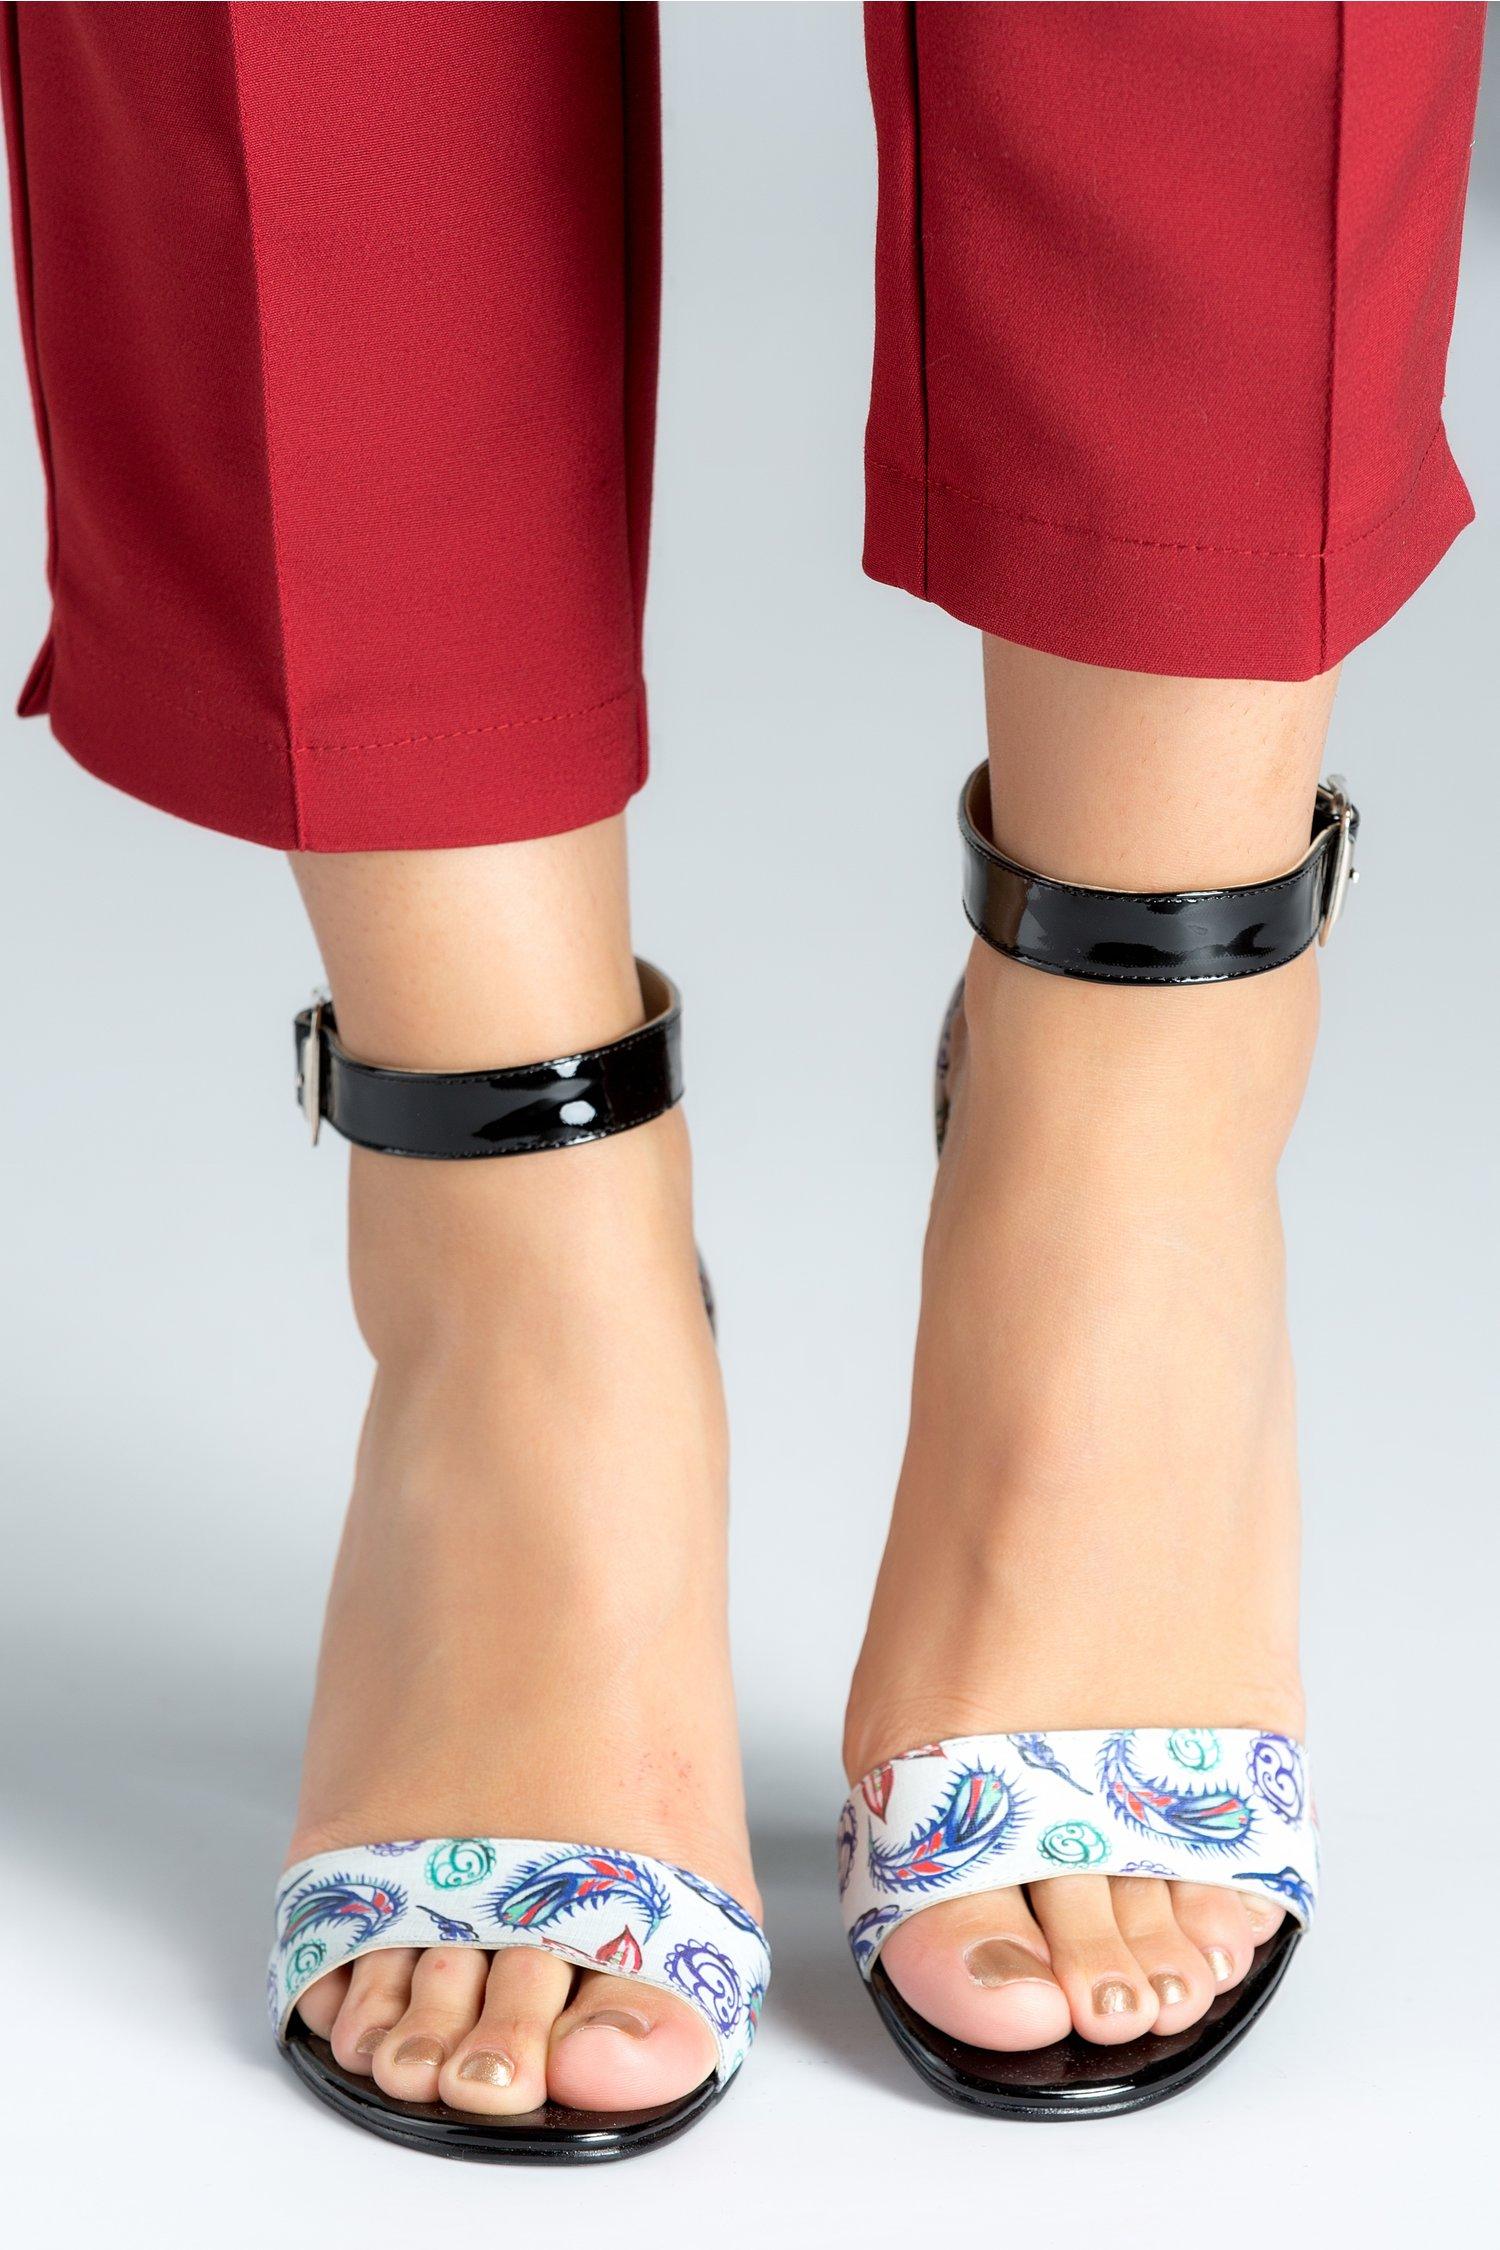 Sandale dama negre cu motive florale